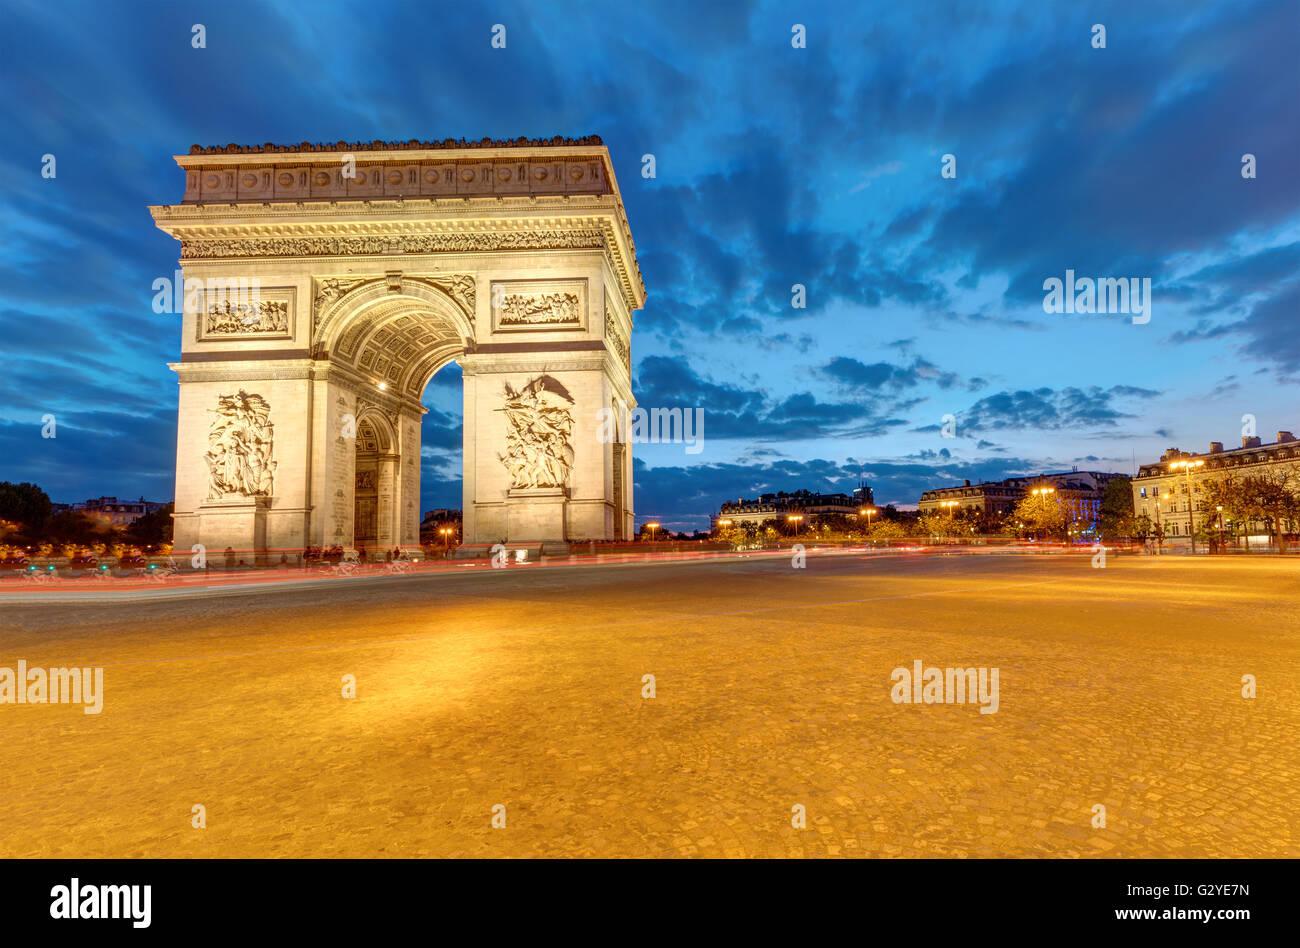 El famoso Arco de Triunfo en París al amanecer Imagen De Stock